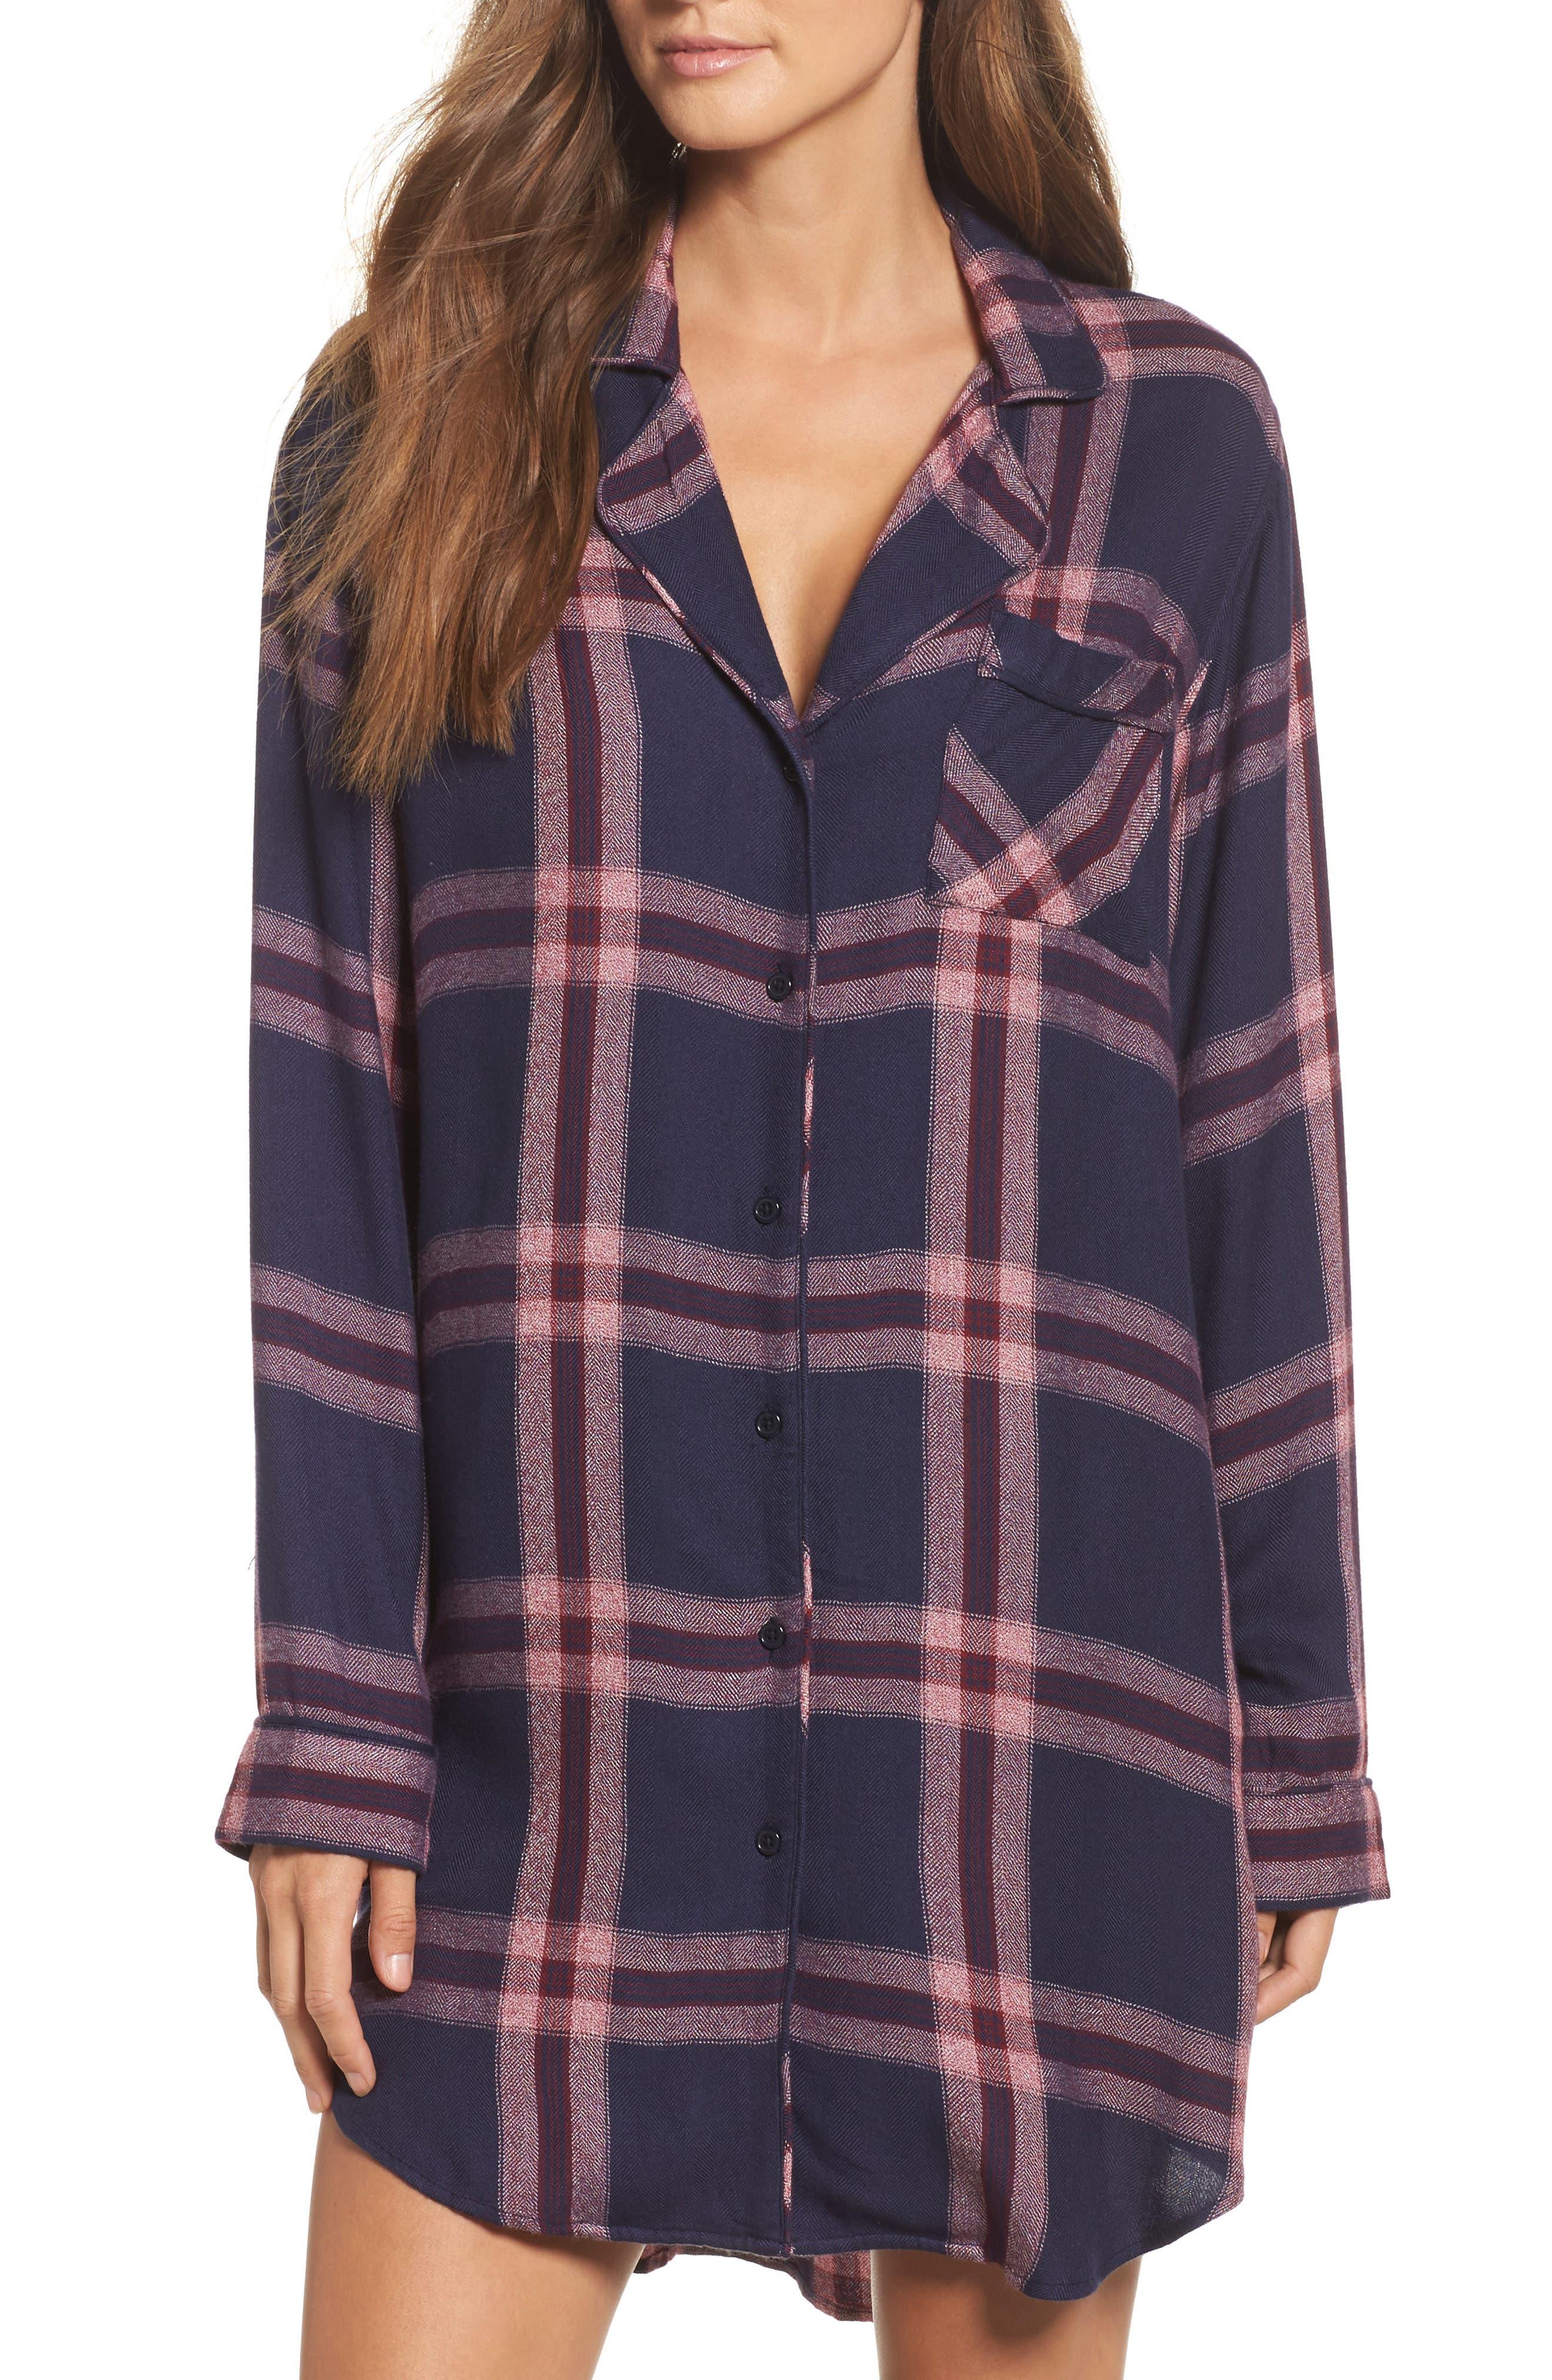 Alternate Image 1 Selected - Rails Plaid Sleep Shirt